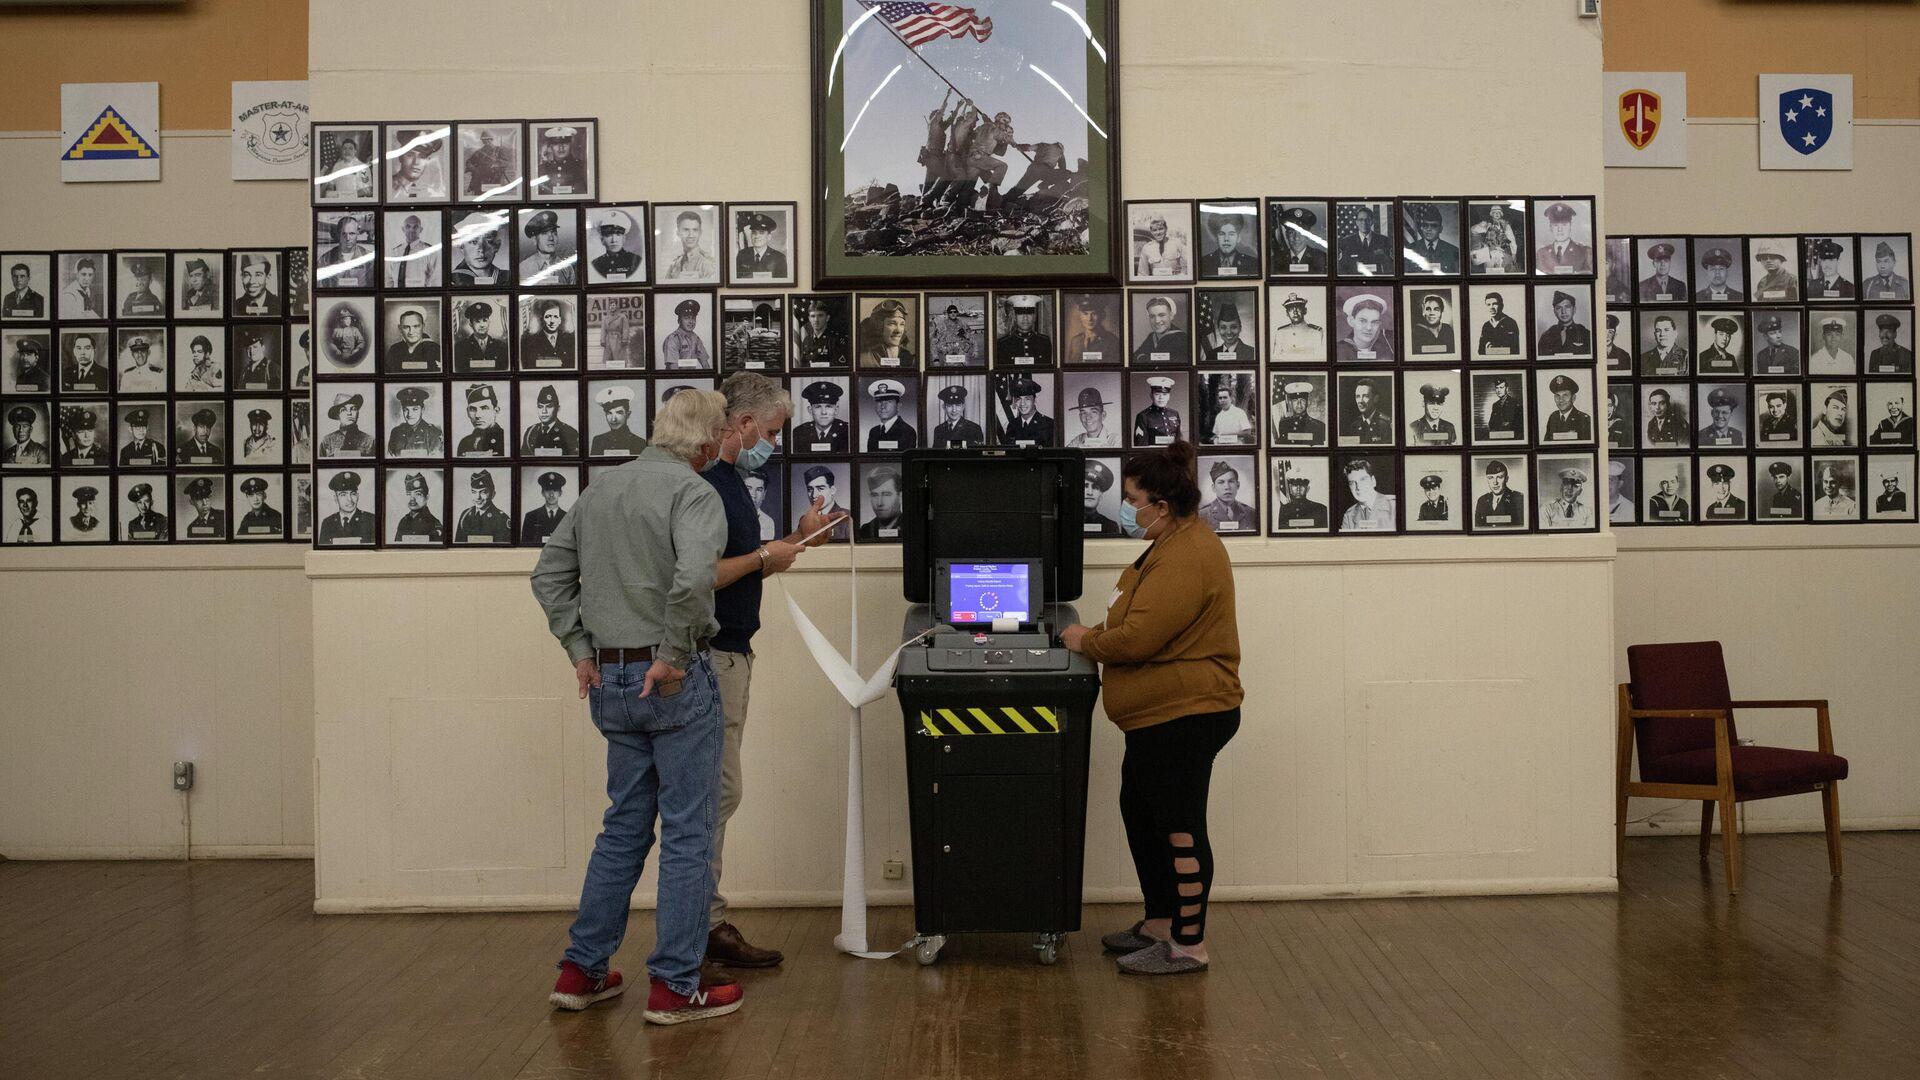 Подсчет голосов на президентских выборах в США  - РИА Новости, 1920, 17.11.2020